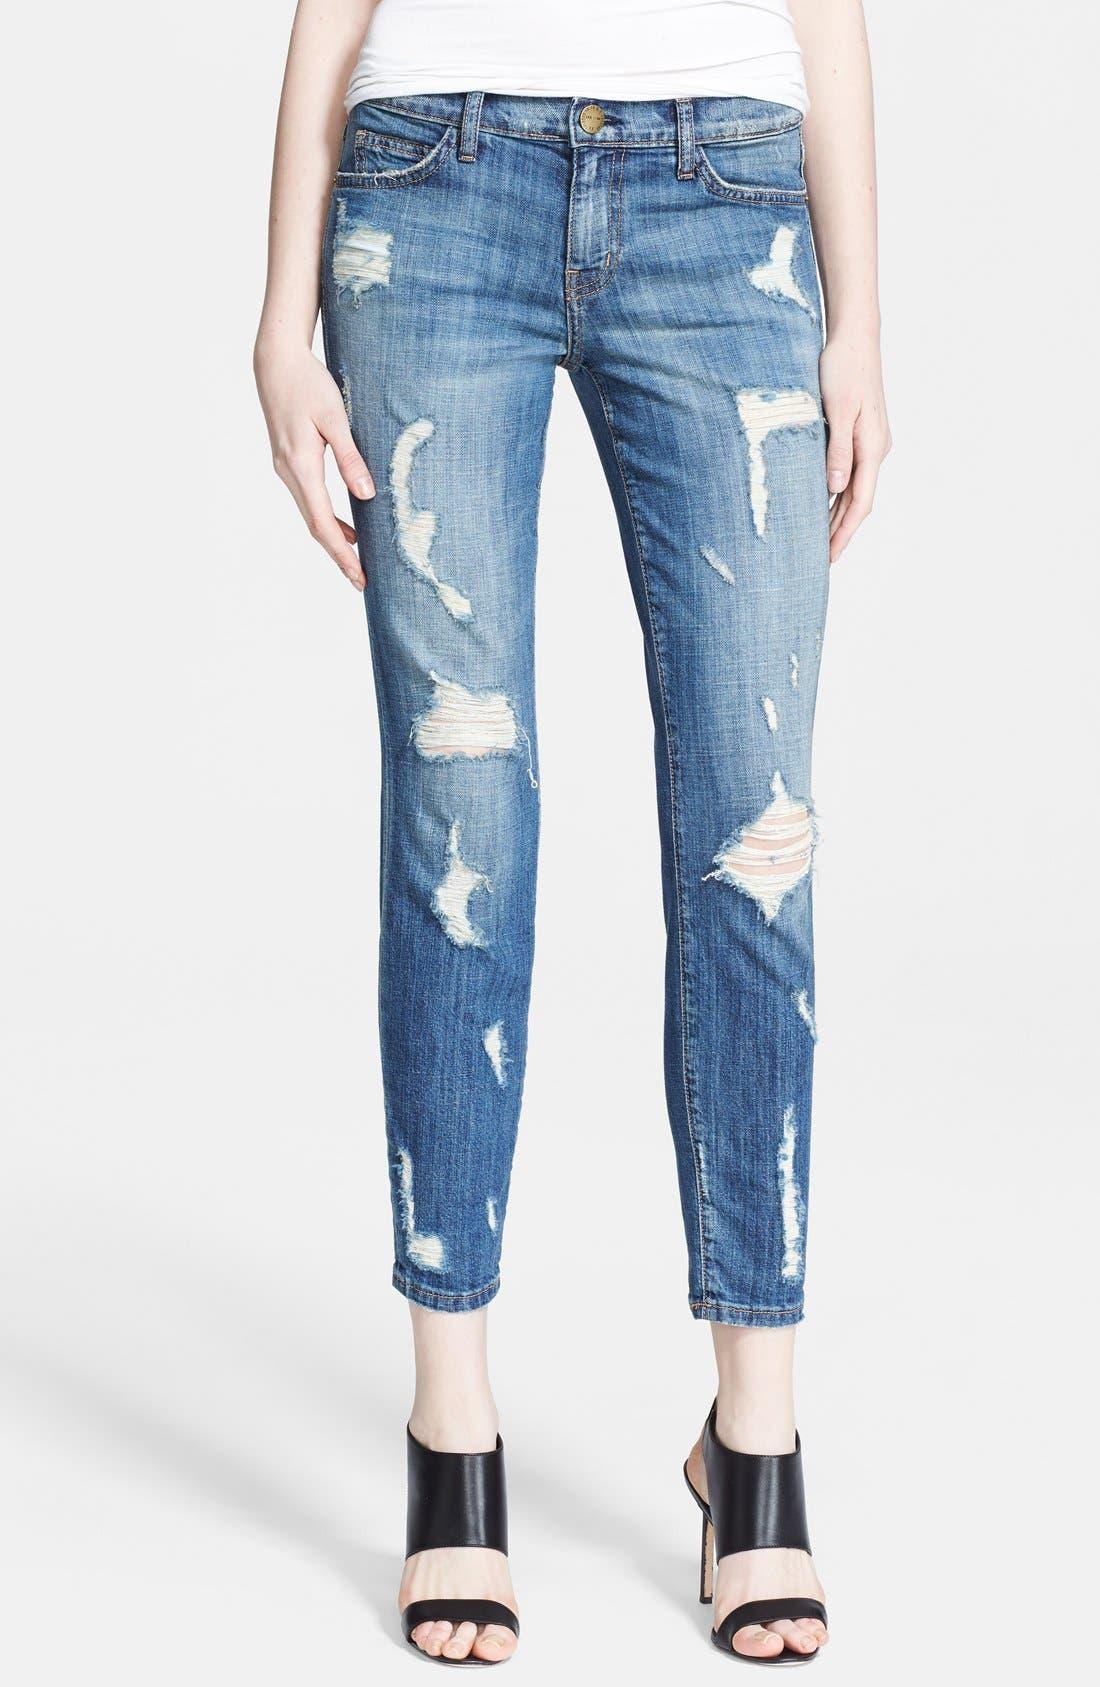 Alternate Image 1 Selected - Current/Elliott 'The Stiletto' Skinny Jeans (Jodie Shredded)